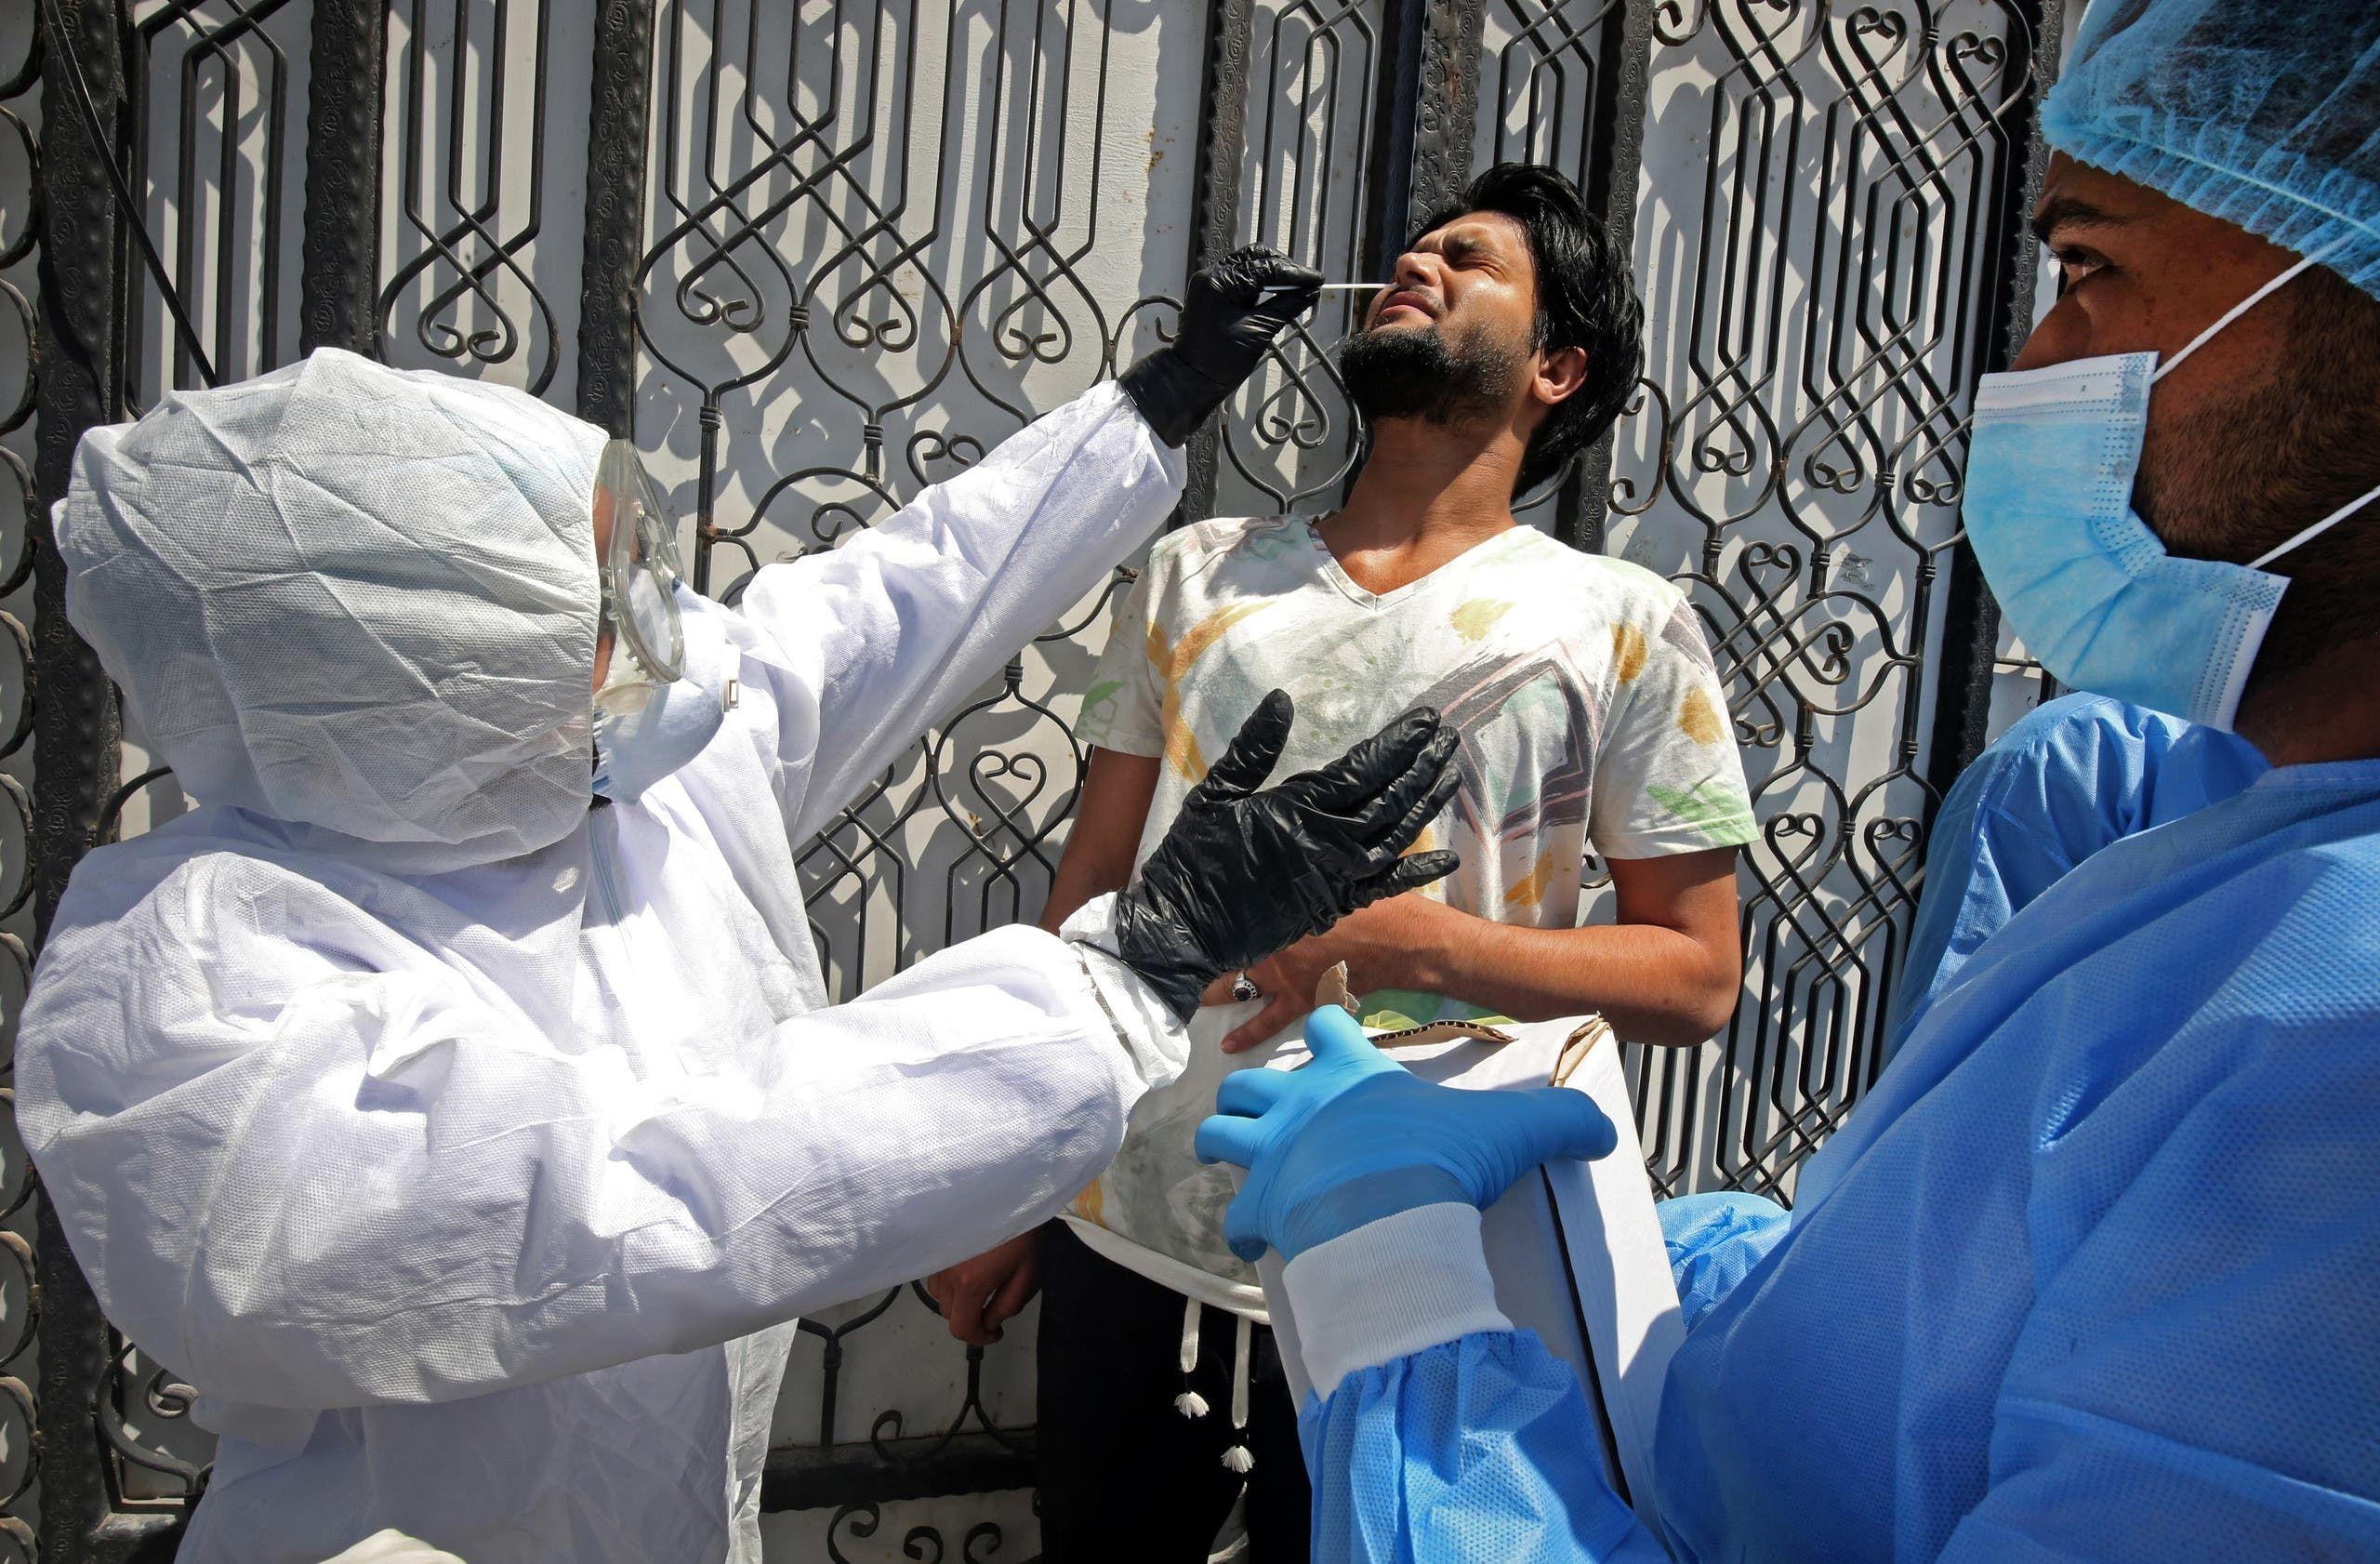 أطباء متخصصون في مستشفى عام عراقي يختبرون أحد السكان في ضاحية مدينة الصدر في بغداد يوم 2 أبريل (فرانس برس)